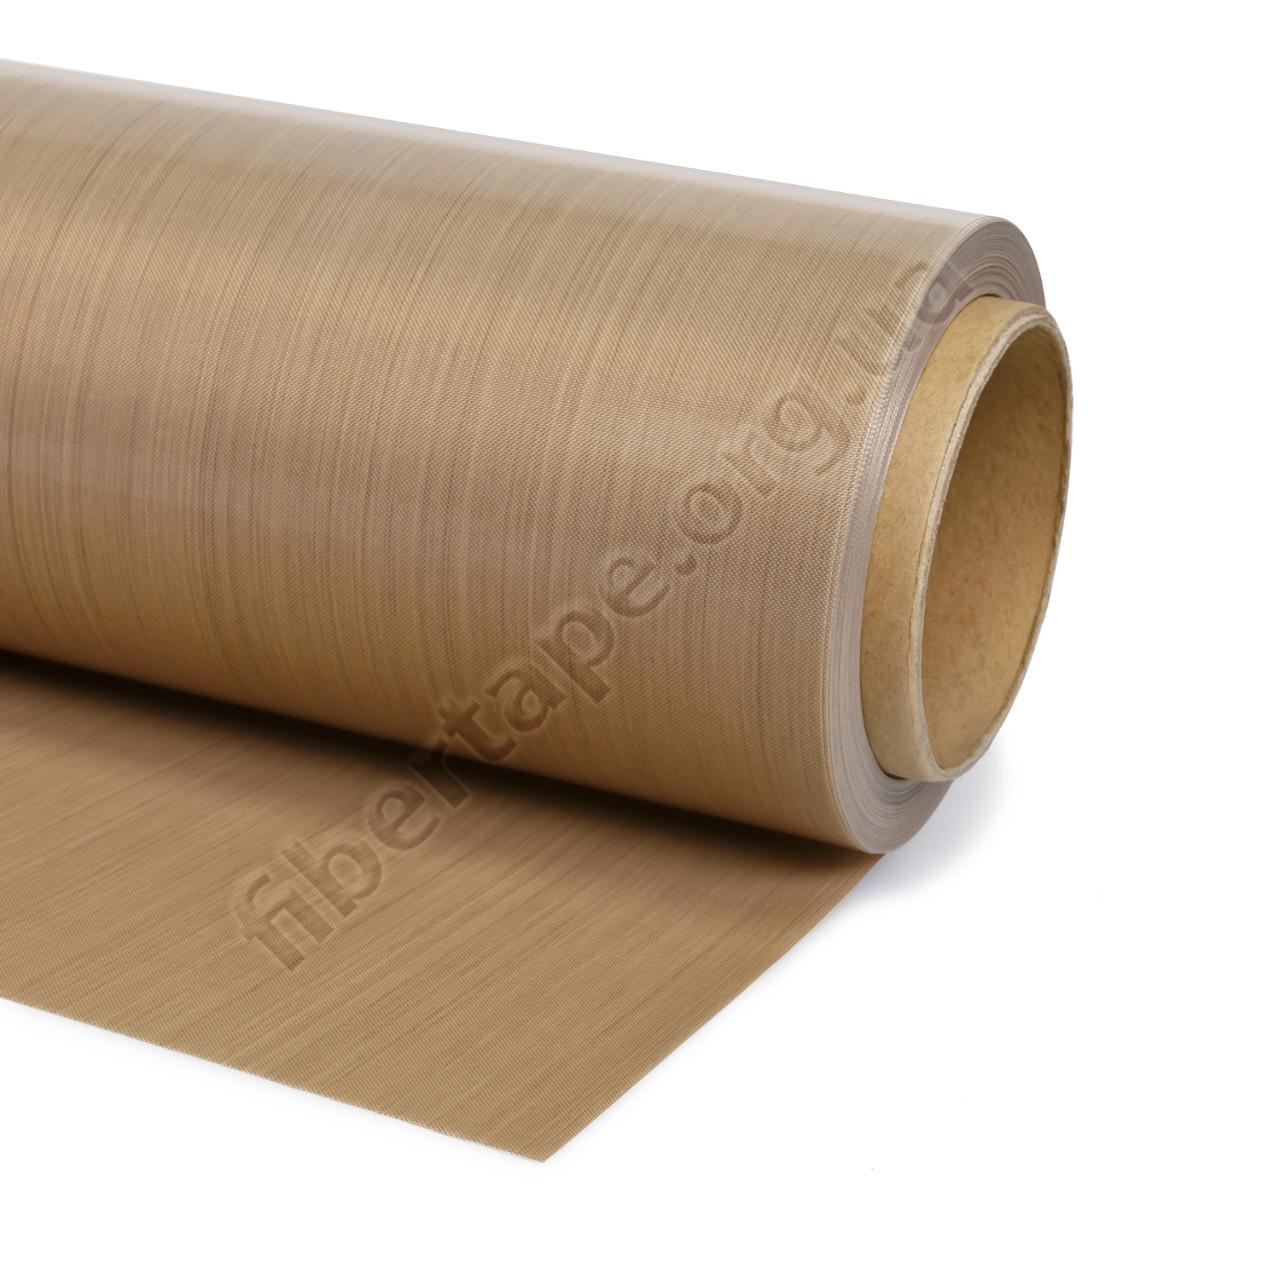 Тефлоновая лента (пленка) BG 280 микрон